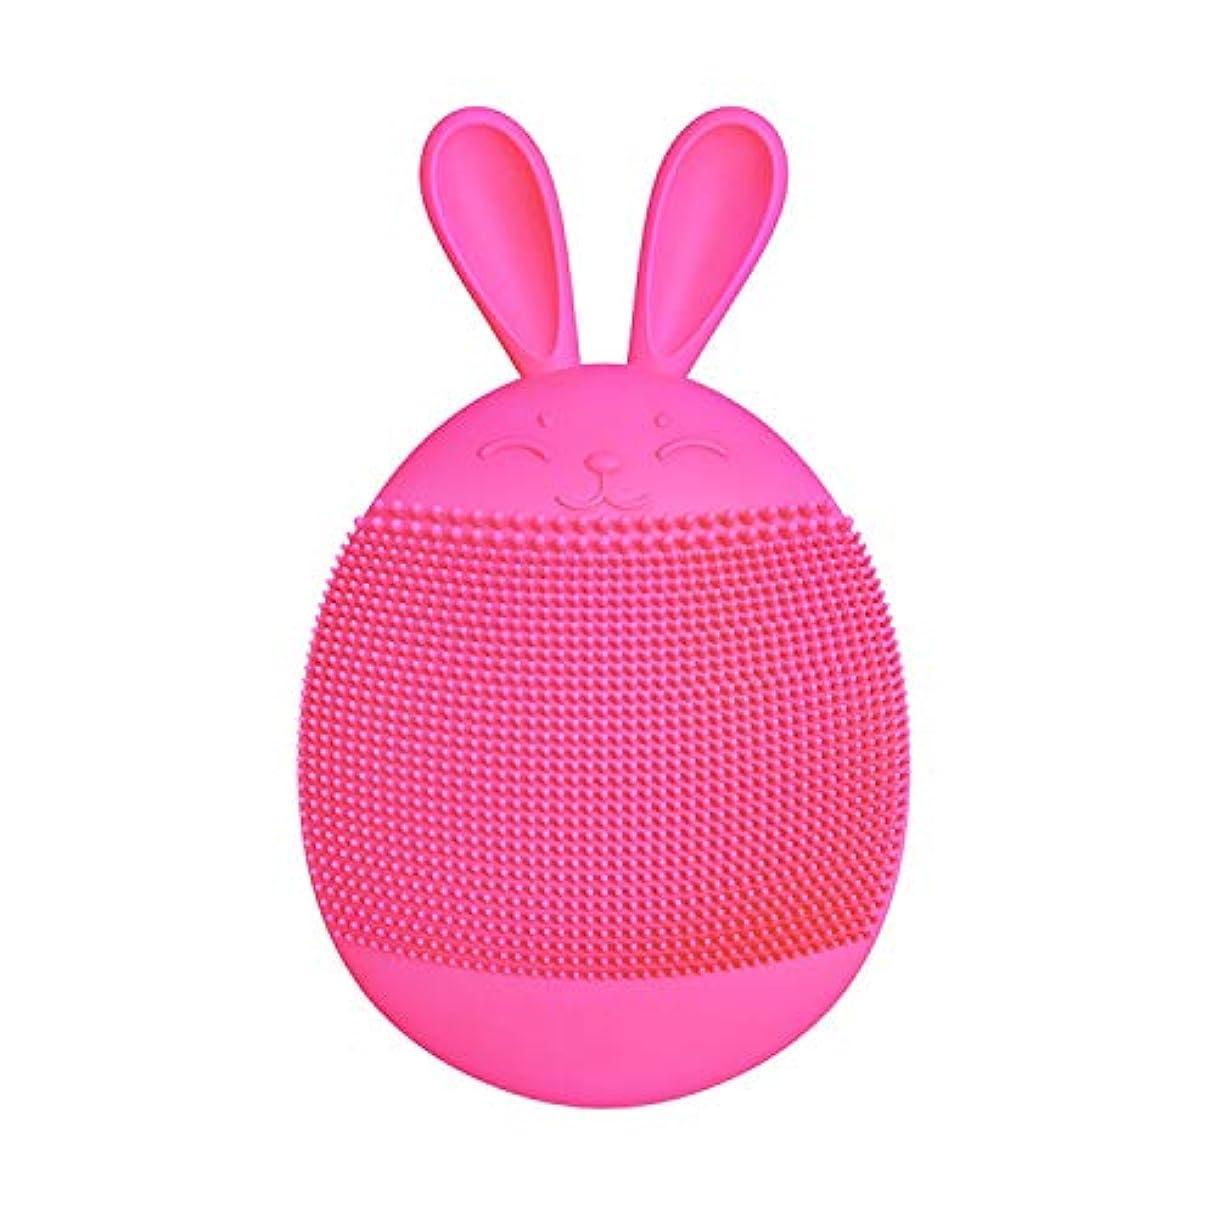 無法者瀬戸際彼のクレンジングブラシ、シリコンハンドヘルド電動クレンジング楽器多機能ポータブル洗顔美容器具(ピンク),D